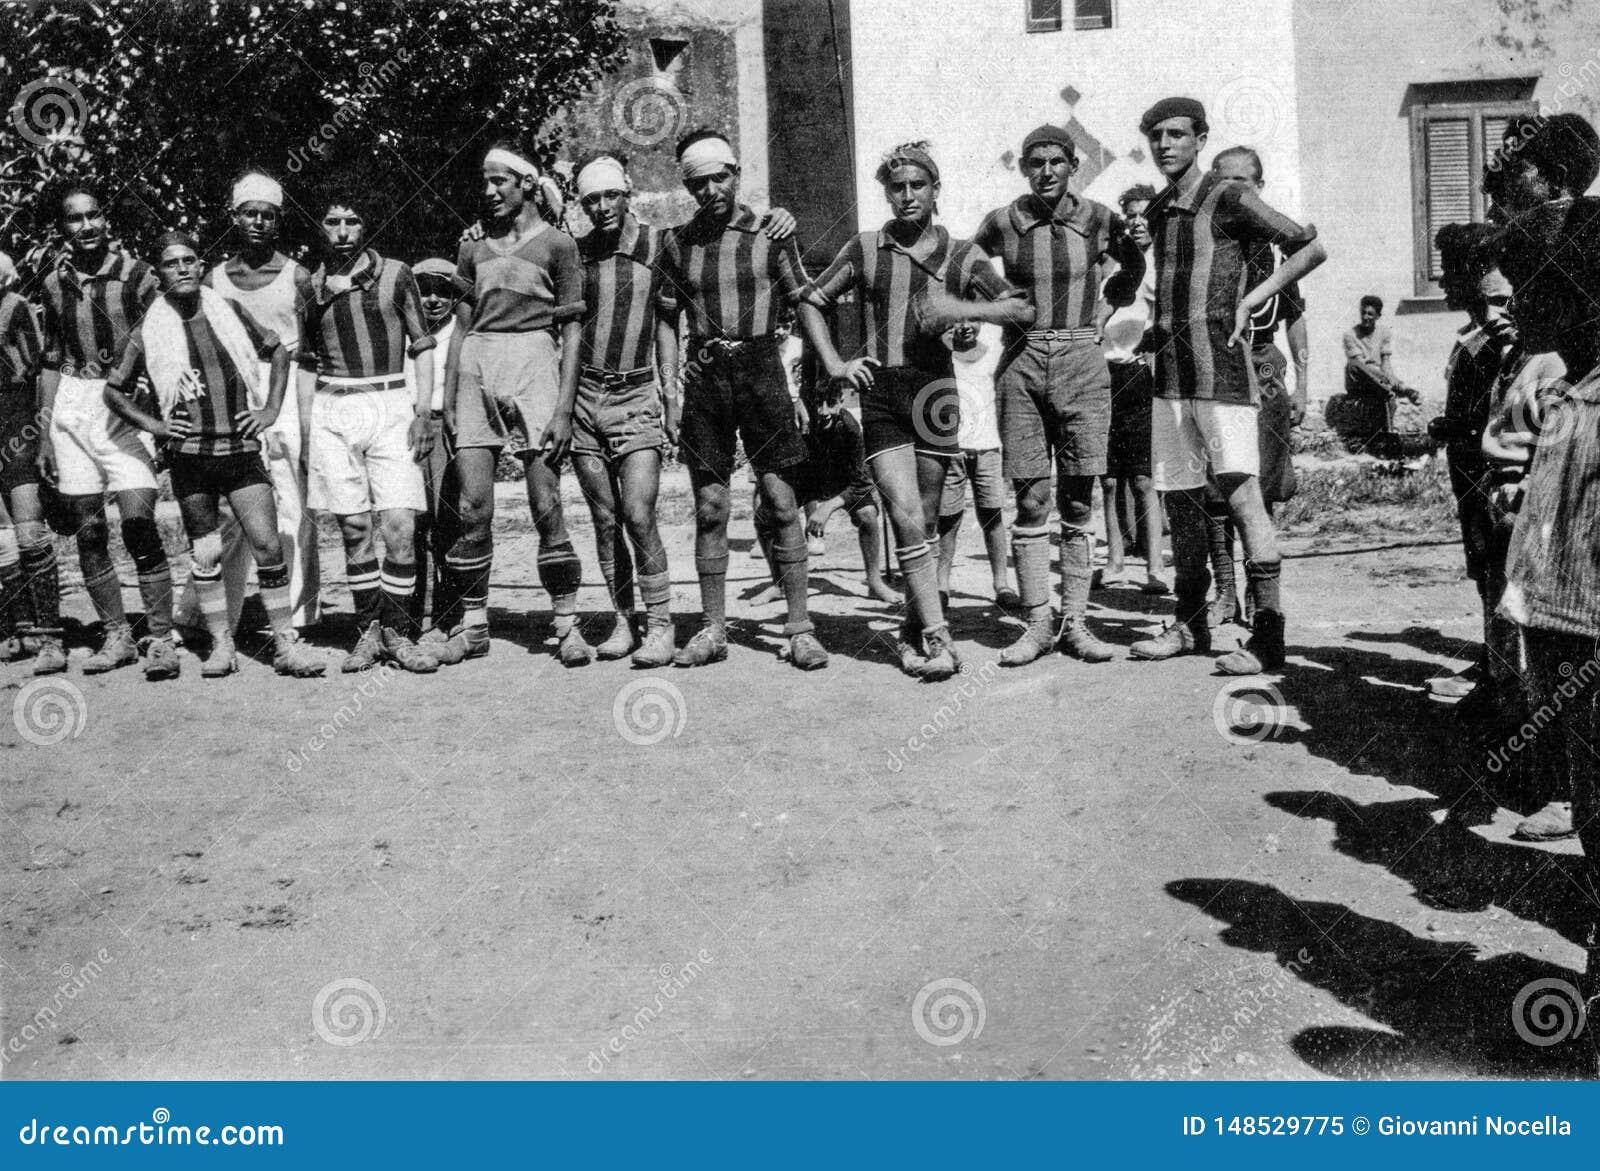 Capri, Italien, 1934 - Caprese-Spieler werfen nach einem Fußballspiel in Capri auf